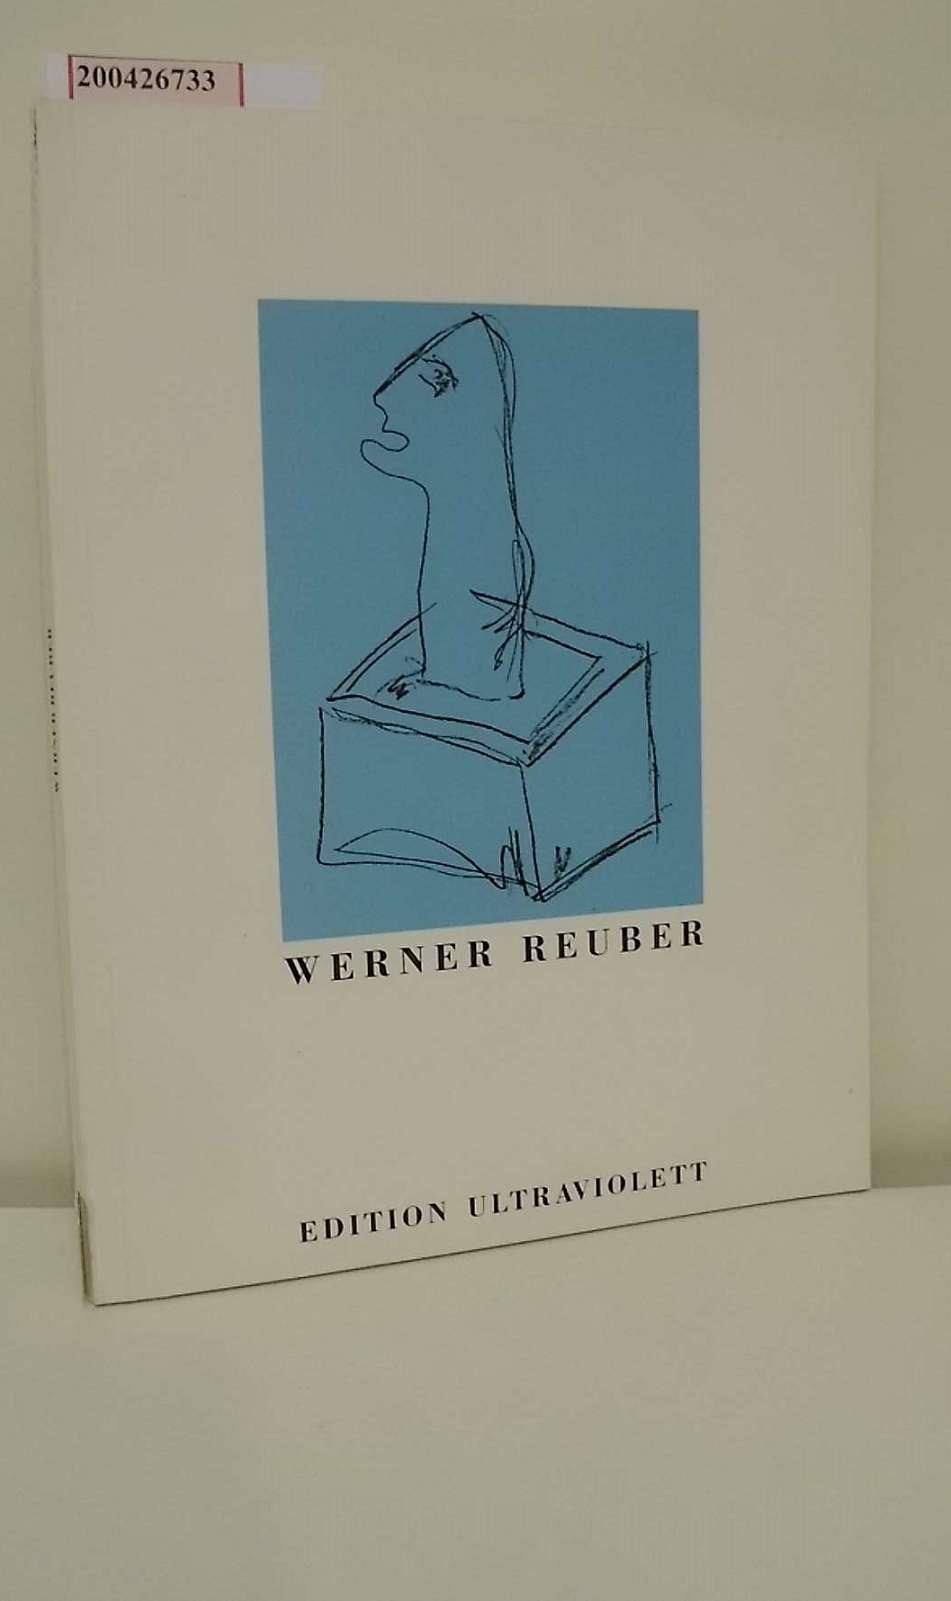 Werner Reuber - Hasen hast du gejagt und bist müde (Künstlerkatalog). Edition Ultraviolett